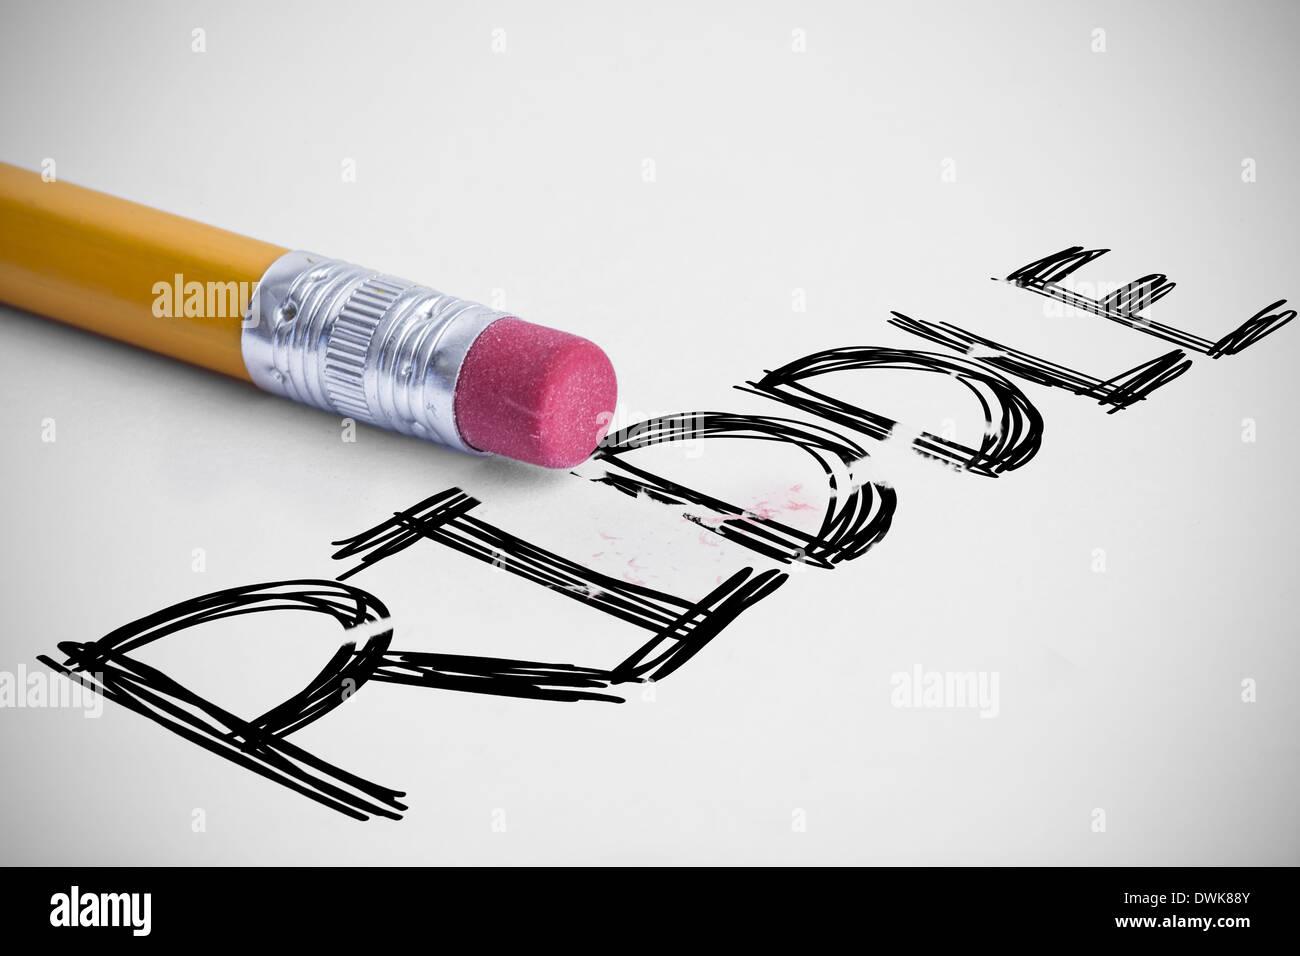 Riddle contra con un borrador de lápiz Foto de stock